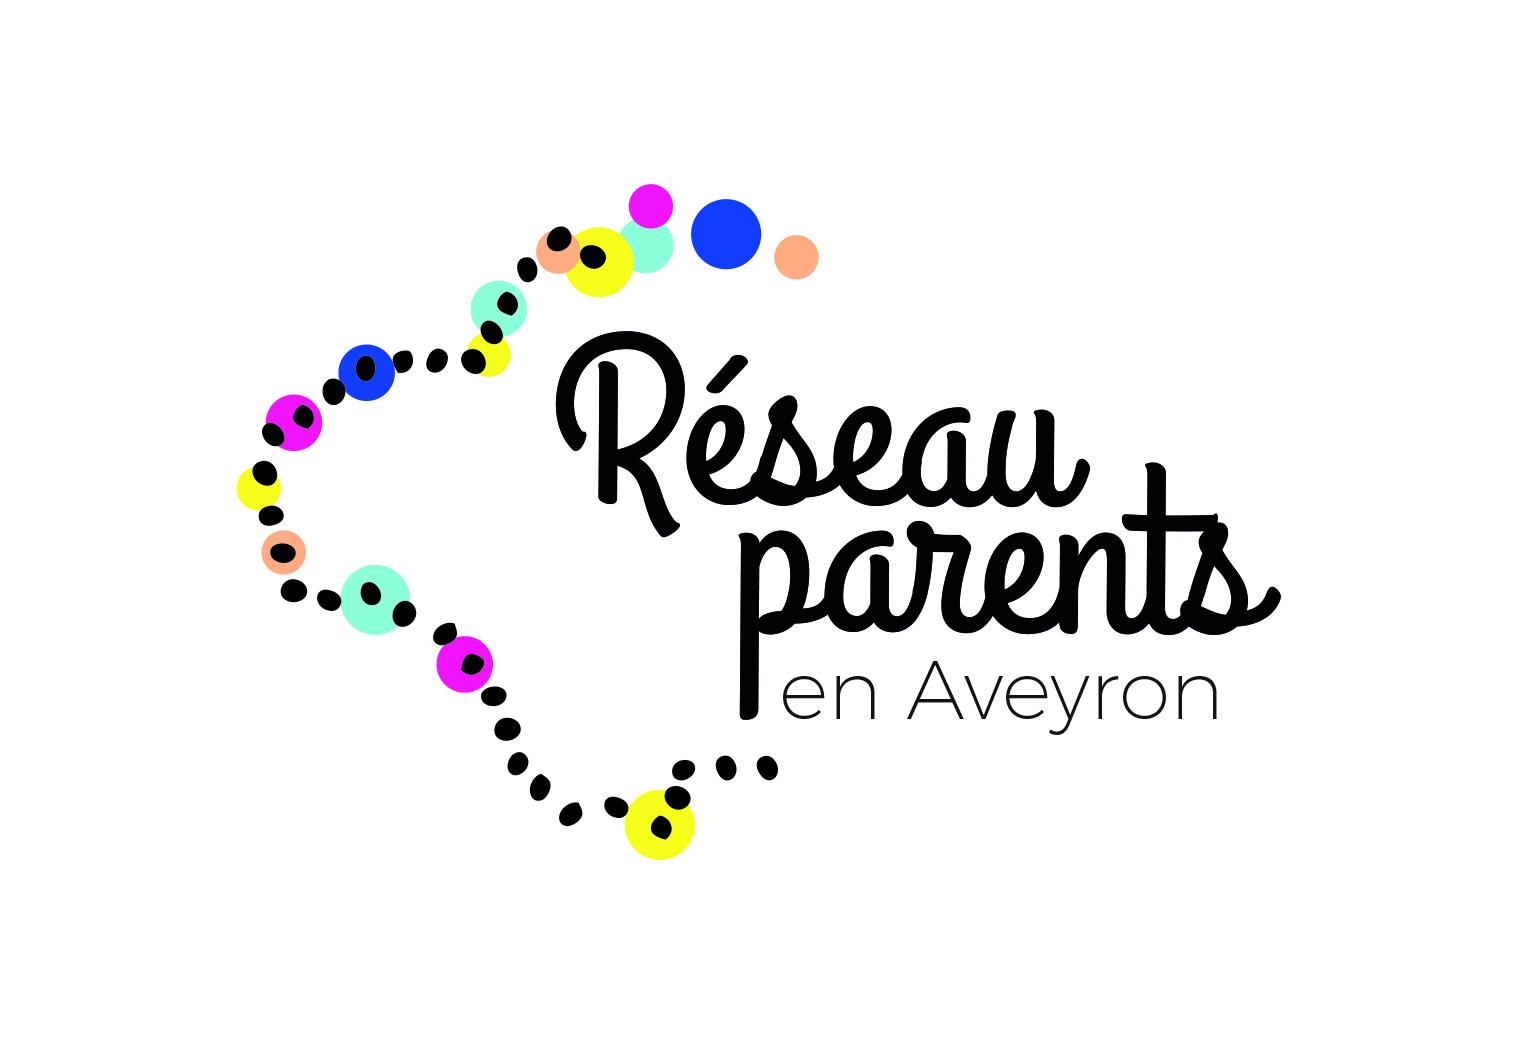 Réseau parents en Aveyron